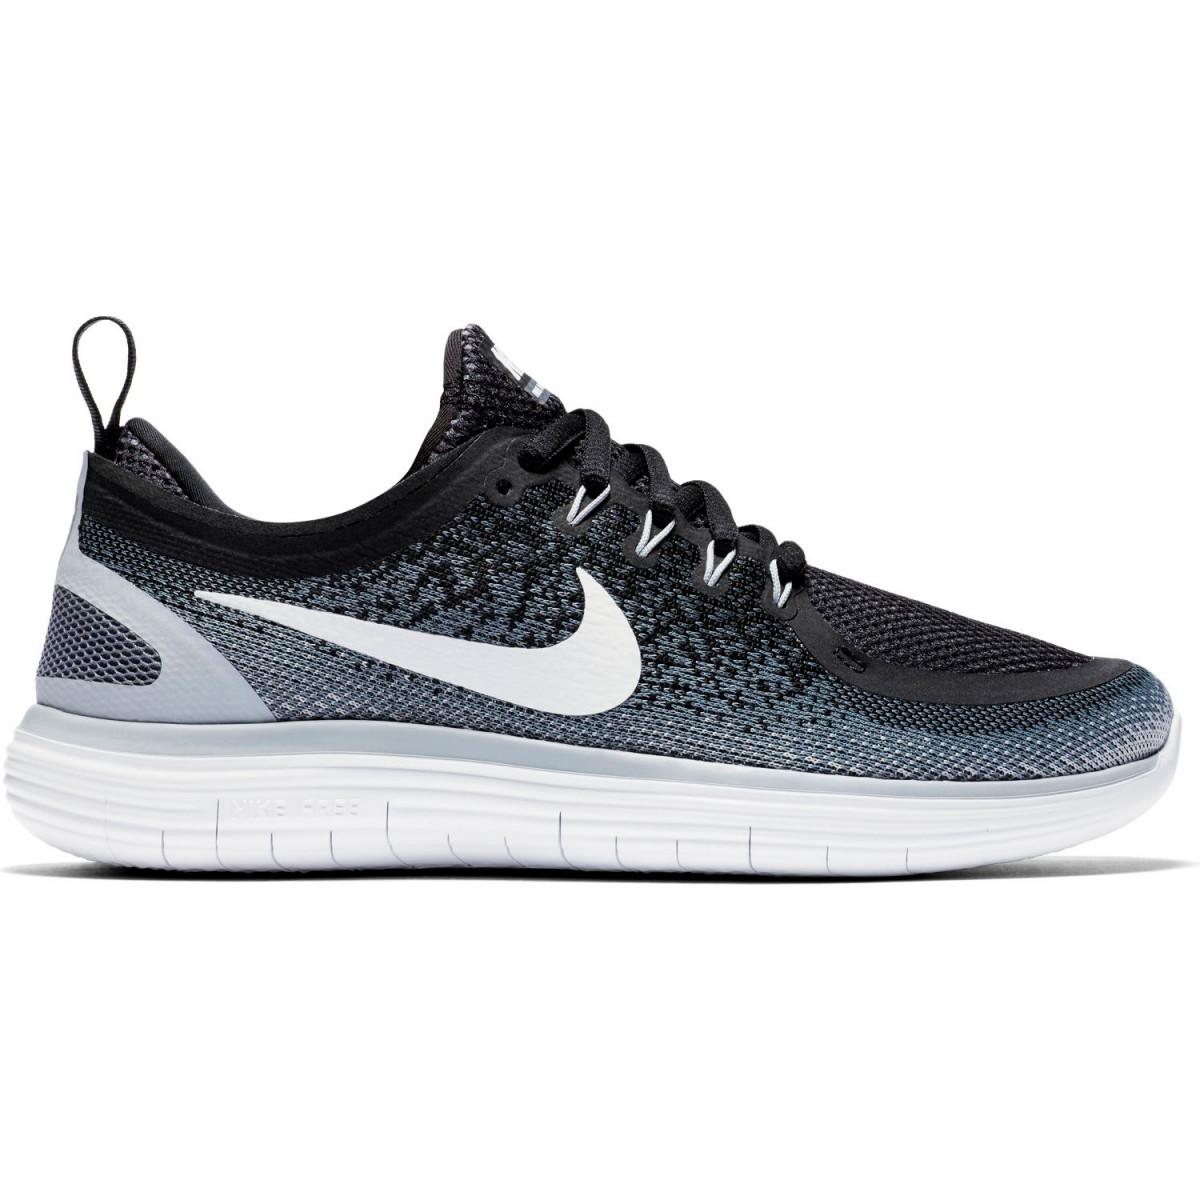 Zapatillas Nike Wmns Free Rn Distance 2